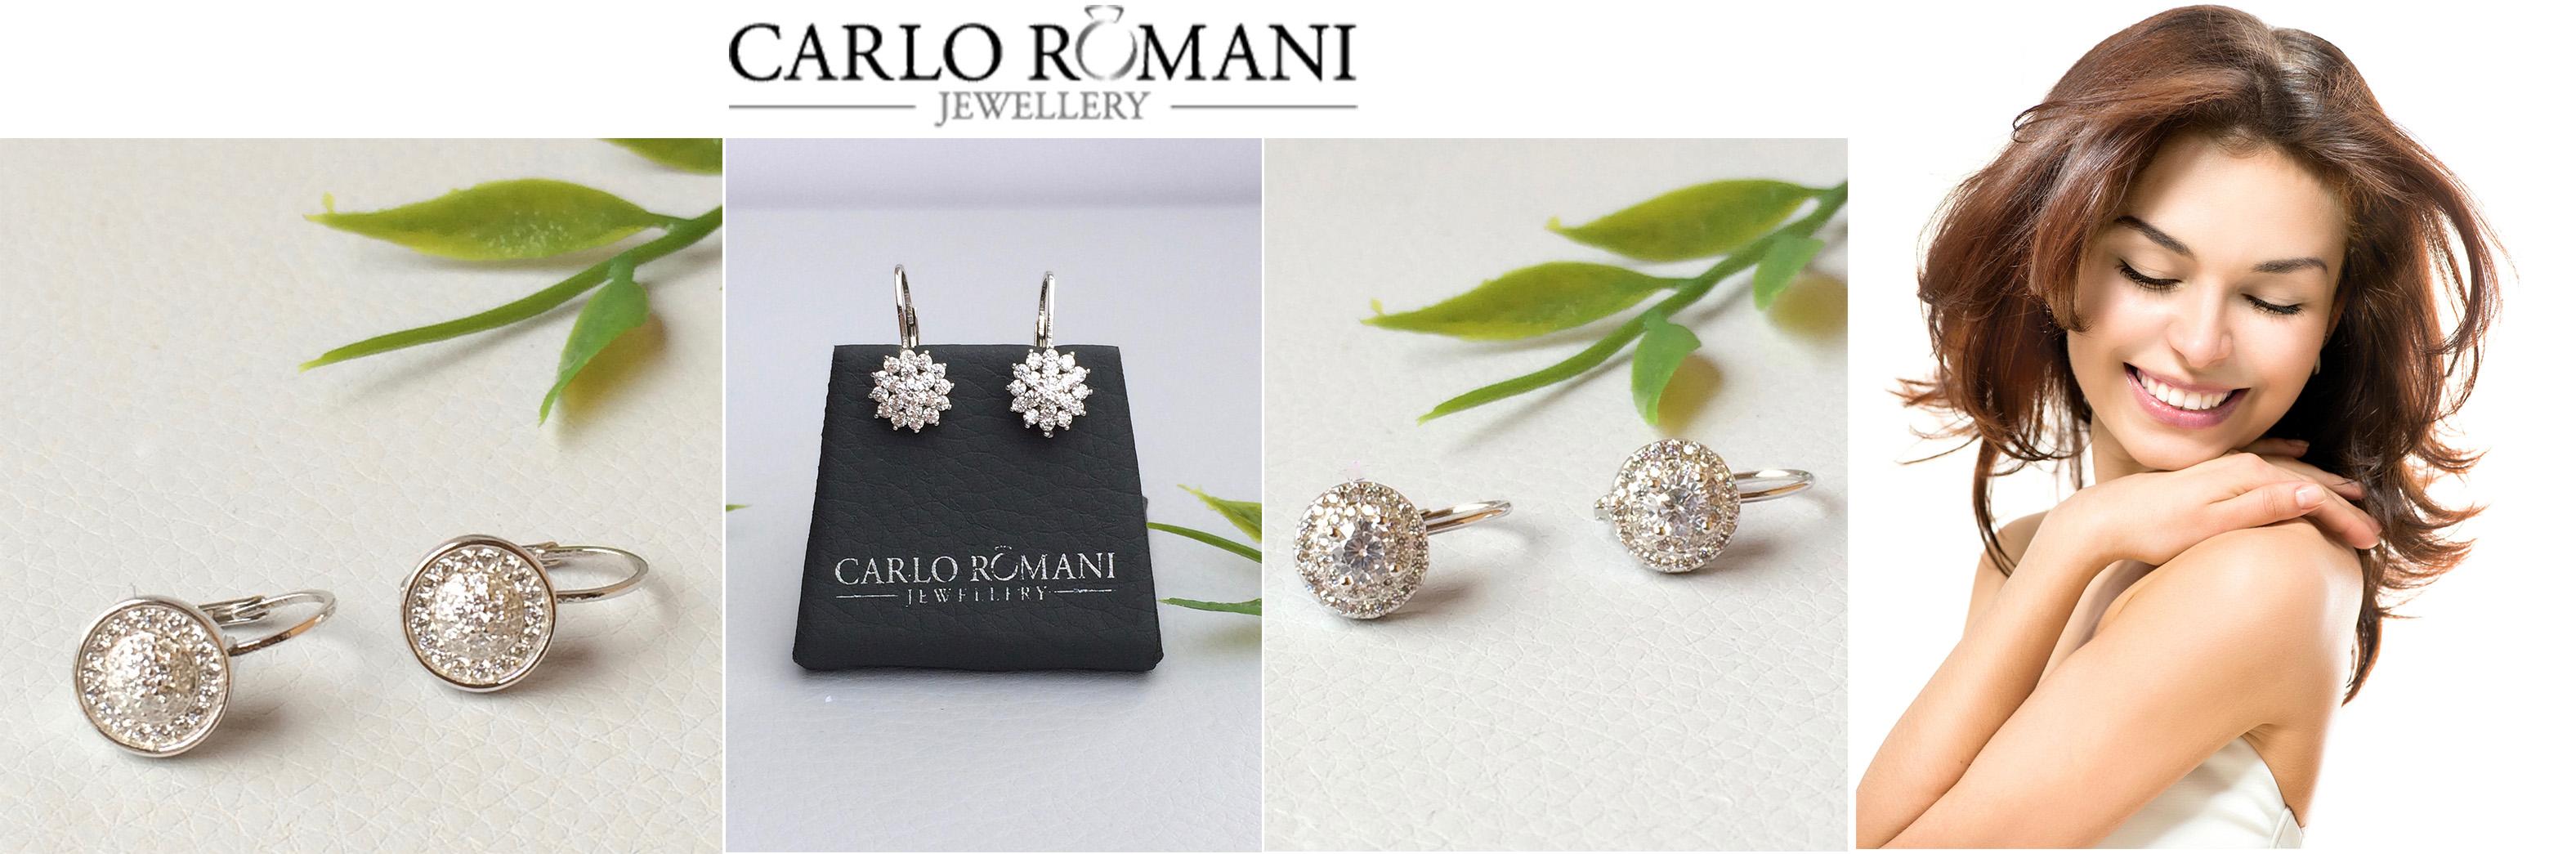 stříbrné náušnice na klasické zapinání Carlo Romani s.r.o.